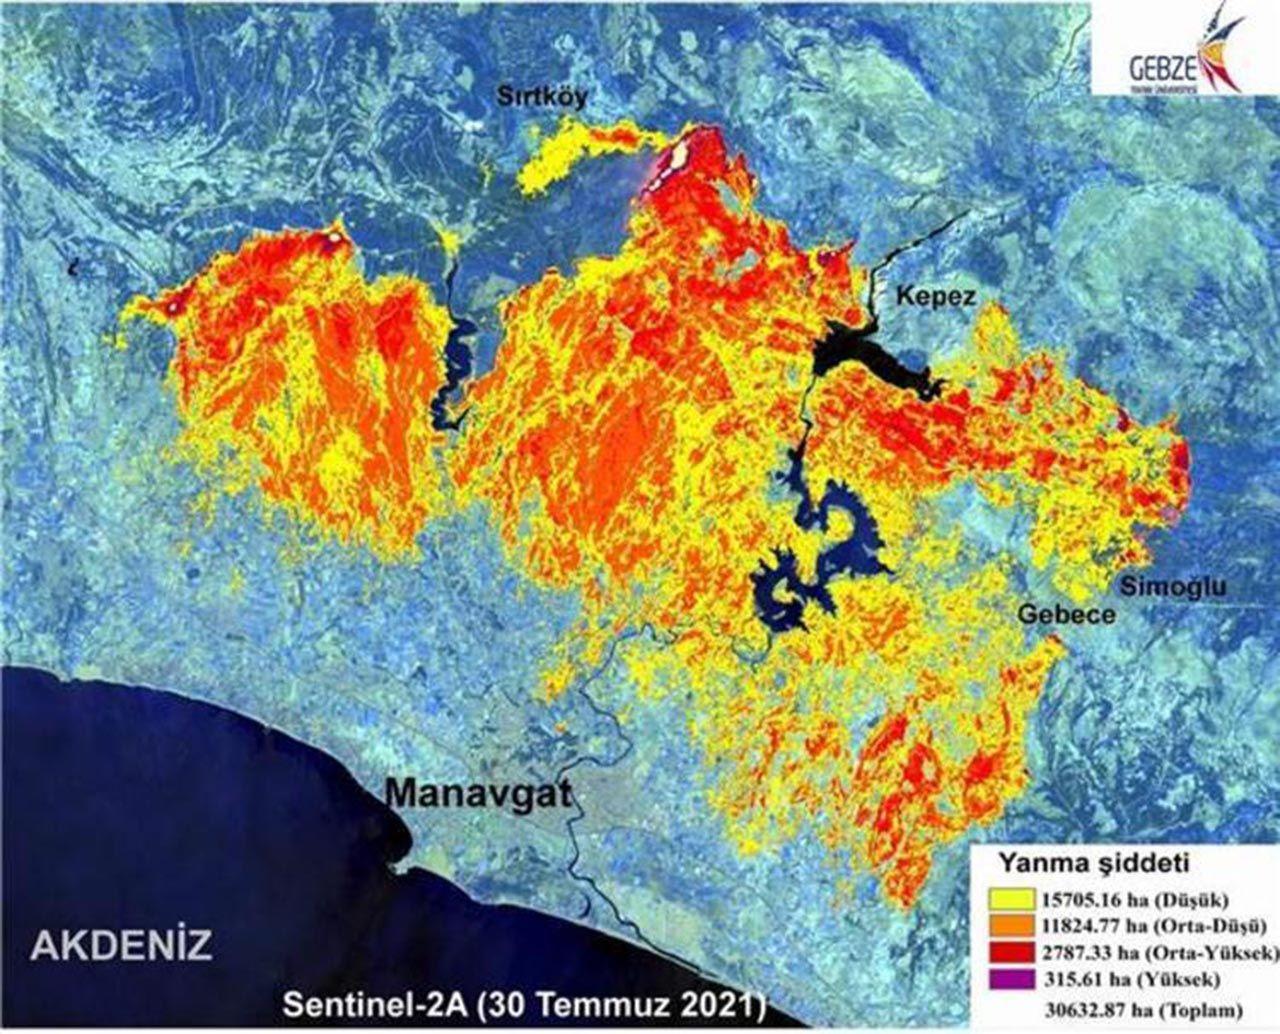 Manavgat'ı küle çeviren yangının haritası çıkarıldı - Resim: 4